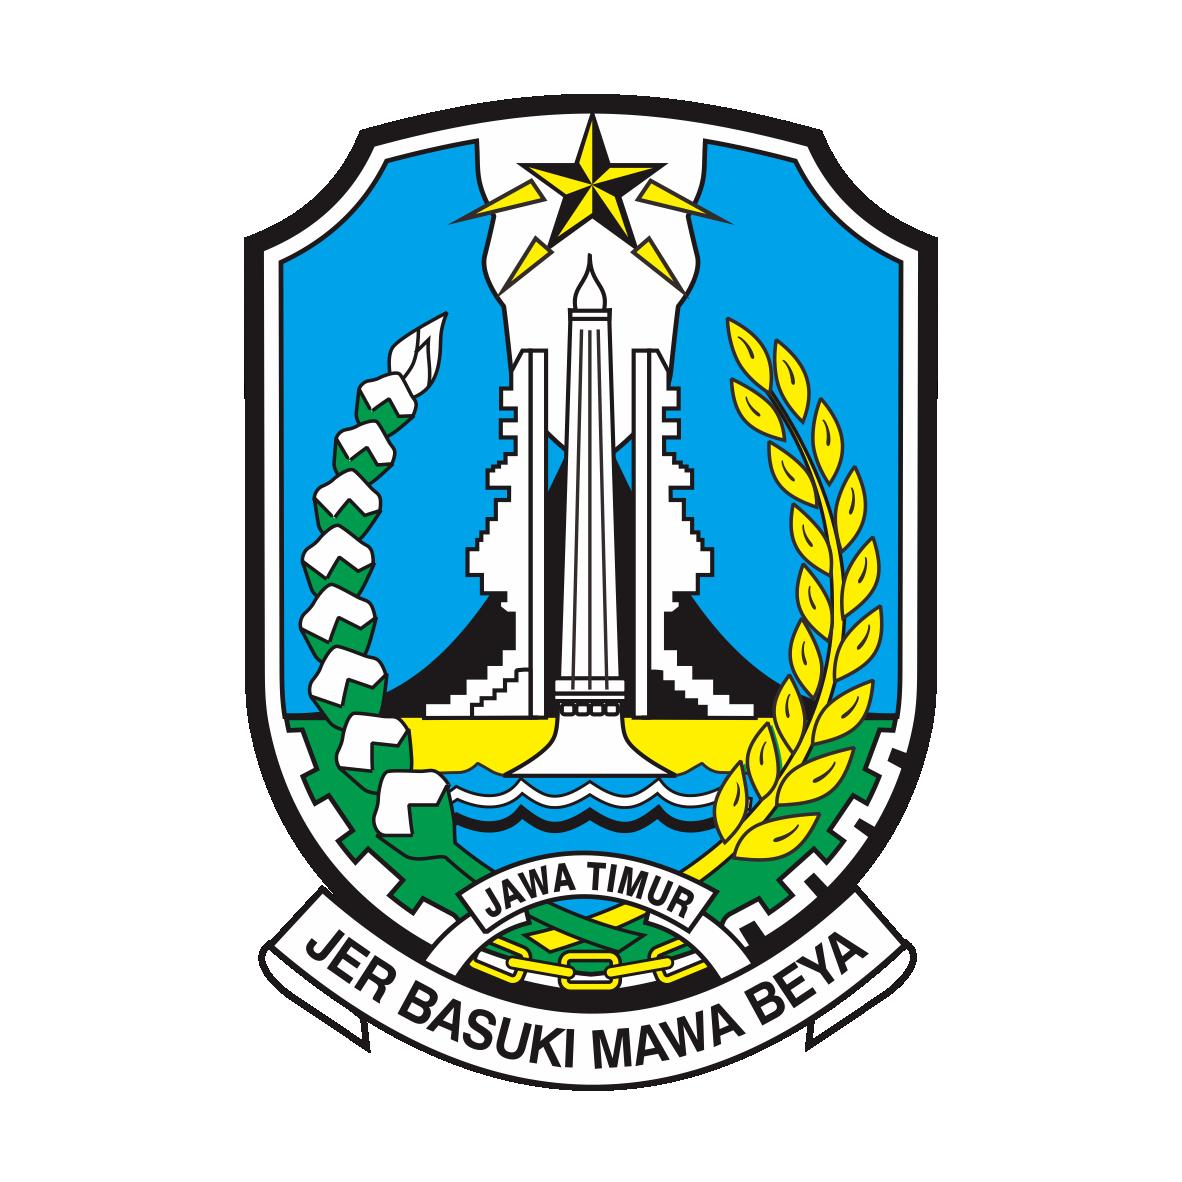 Free Download Logo Jawa Timur Vector Cdr Png Hd Klik Disini Untuk Mendapatkan Logo Vektor Lainnya Desain Grafis Grafis Desain